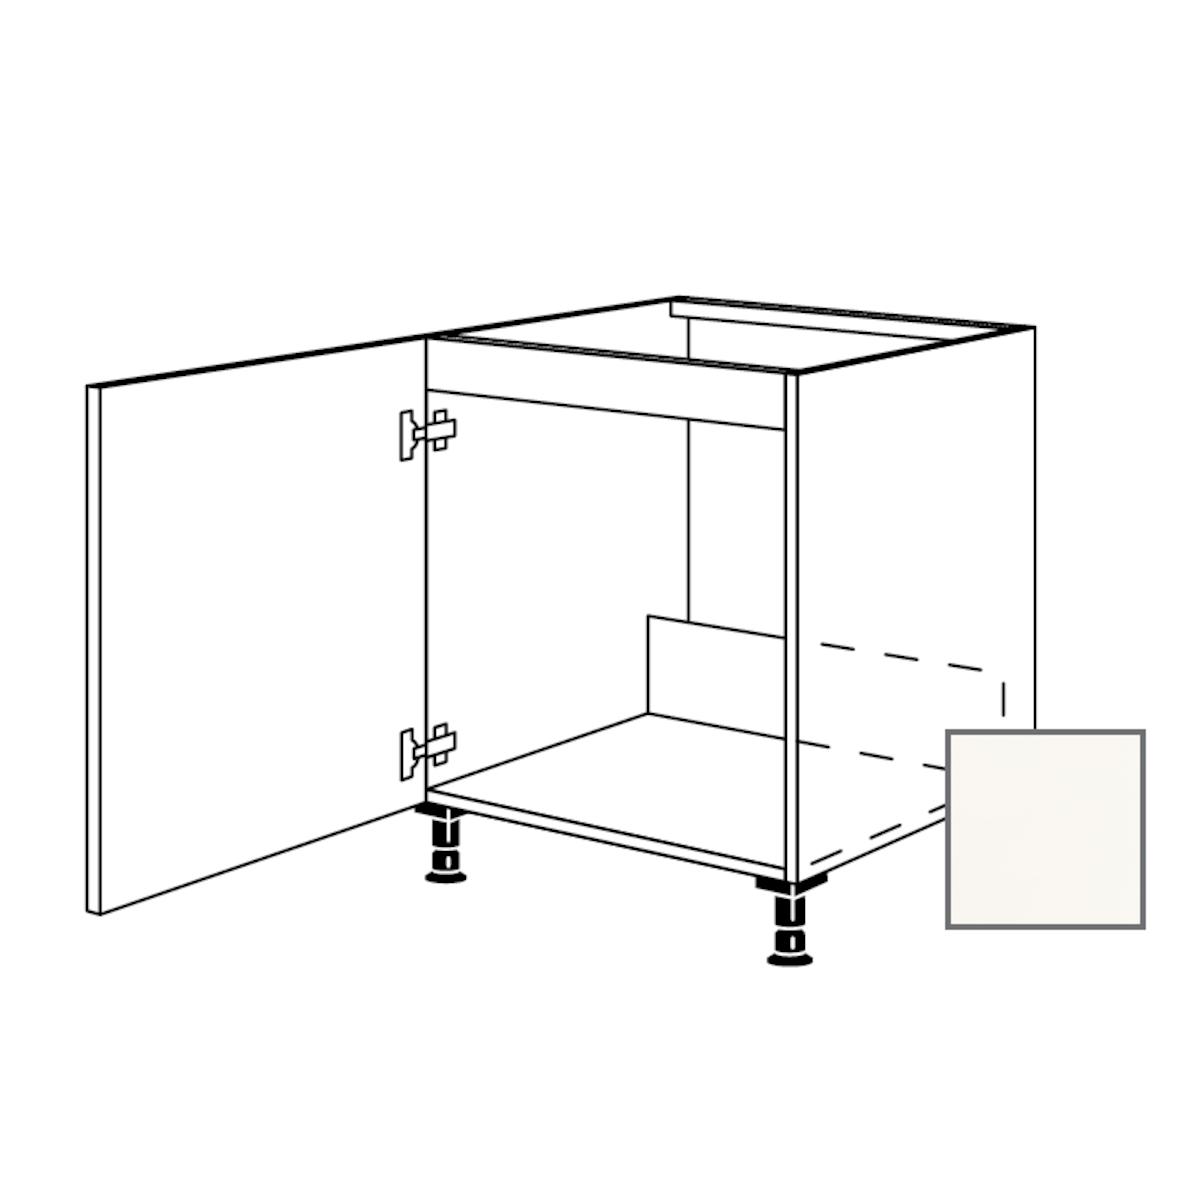 Kuchynská skrinka spodní Naturel Erika24 drezová 60x87x56 cm bílá lesk 450.SPUD60.L